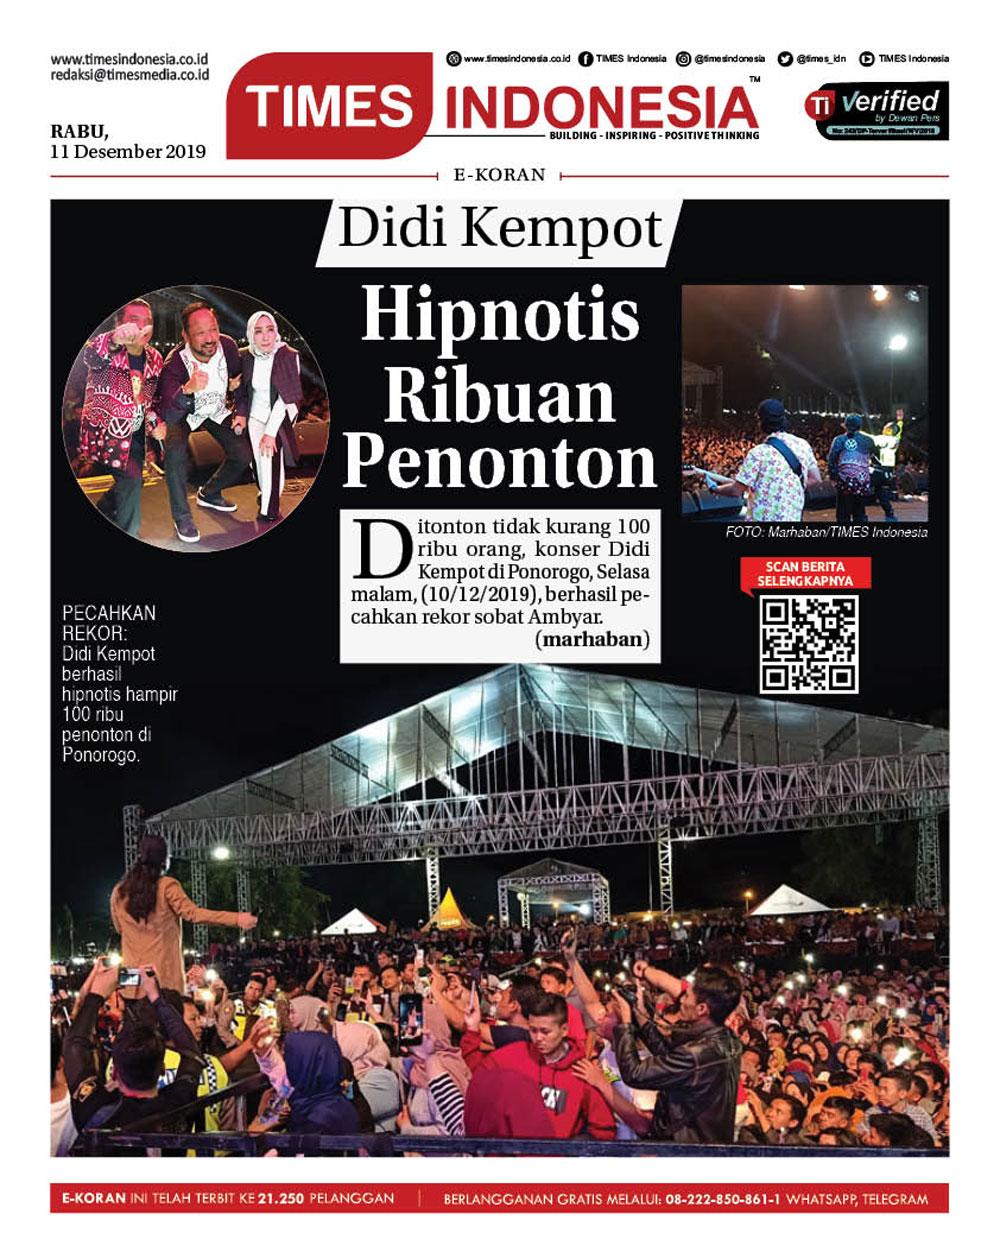 Konser Didi Kempot Di Ponorogo Pecahkan Rekor Sobat Ambyar Times